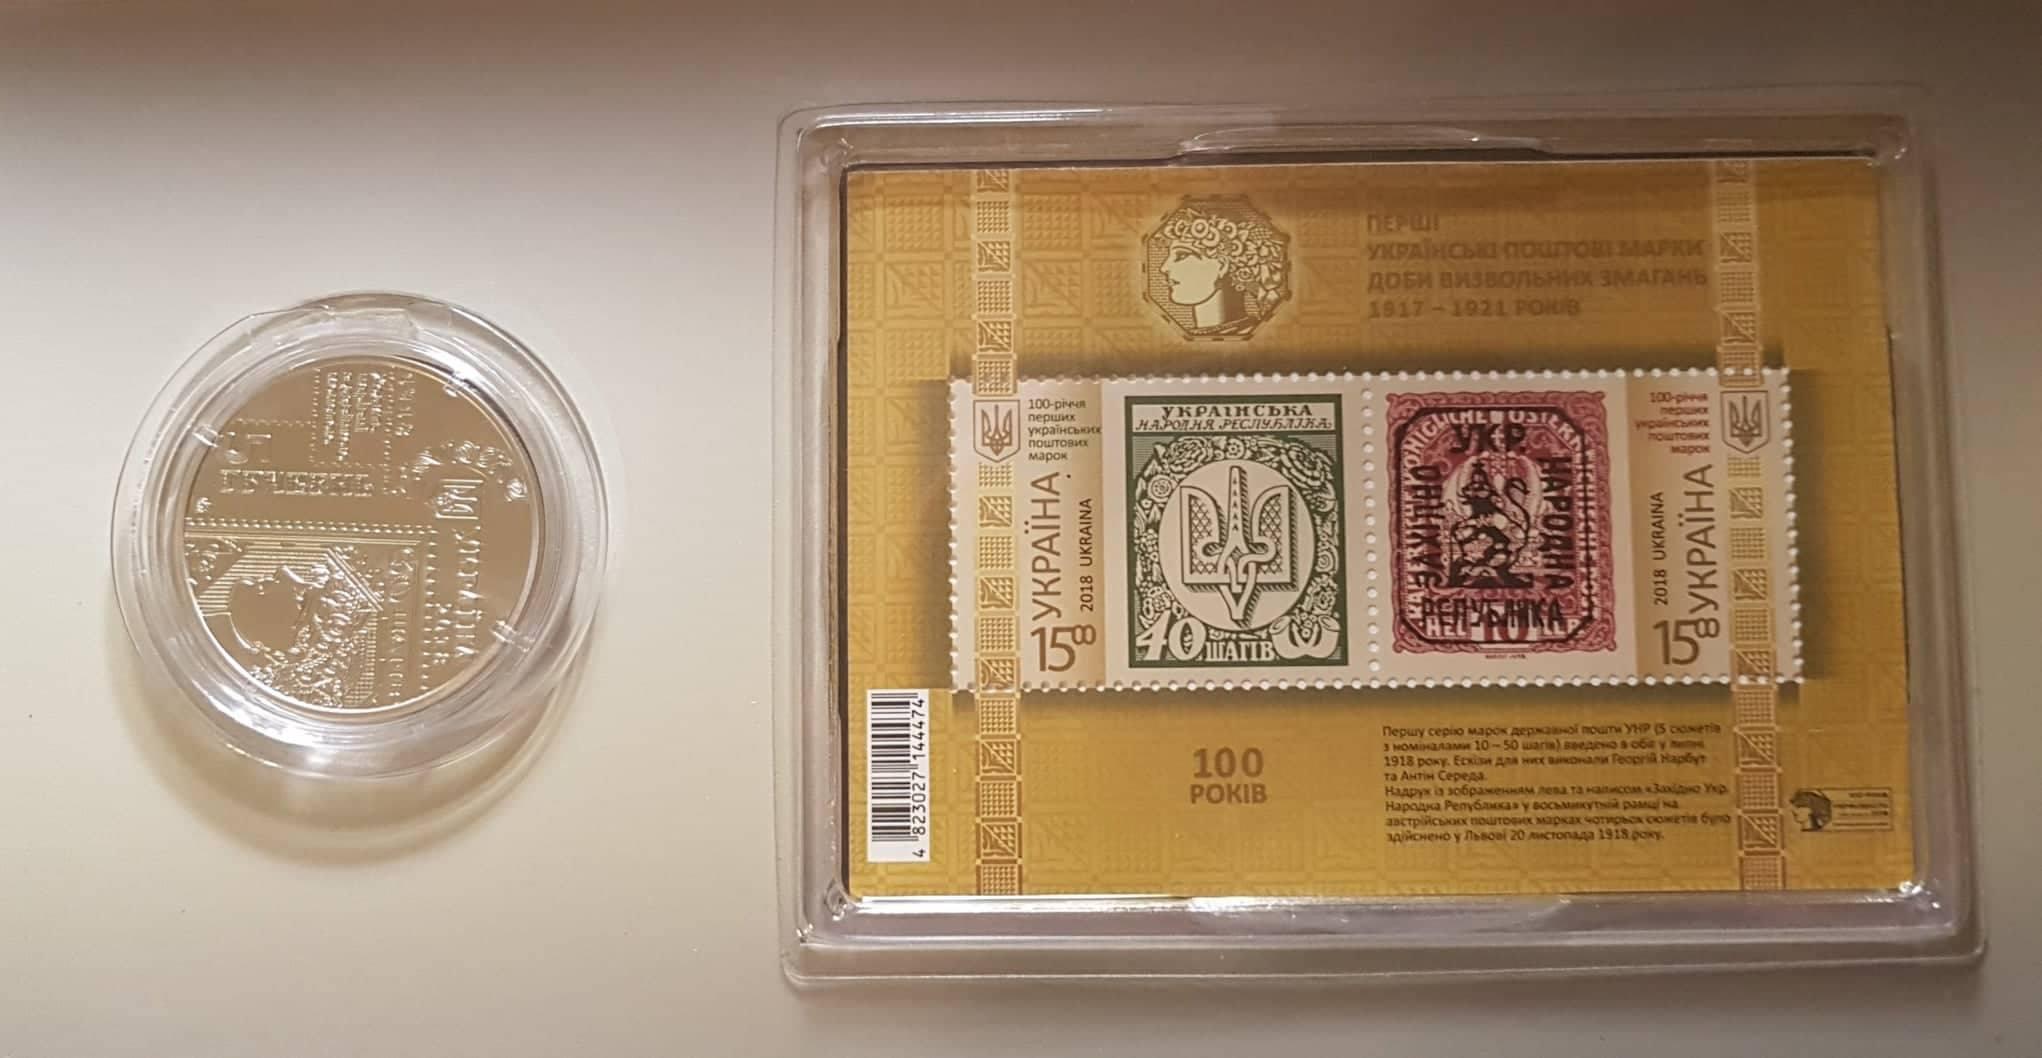 Сувенірний буклет «Перші українські поштові марки доби визвольних змагань 1917-1921 років», який містить пам'ятну монету, номіналом в 5 гривень